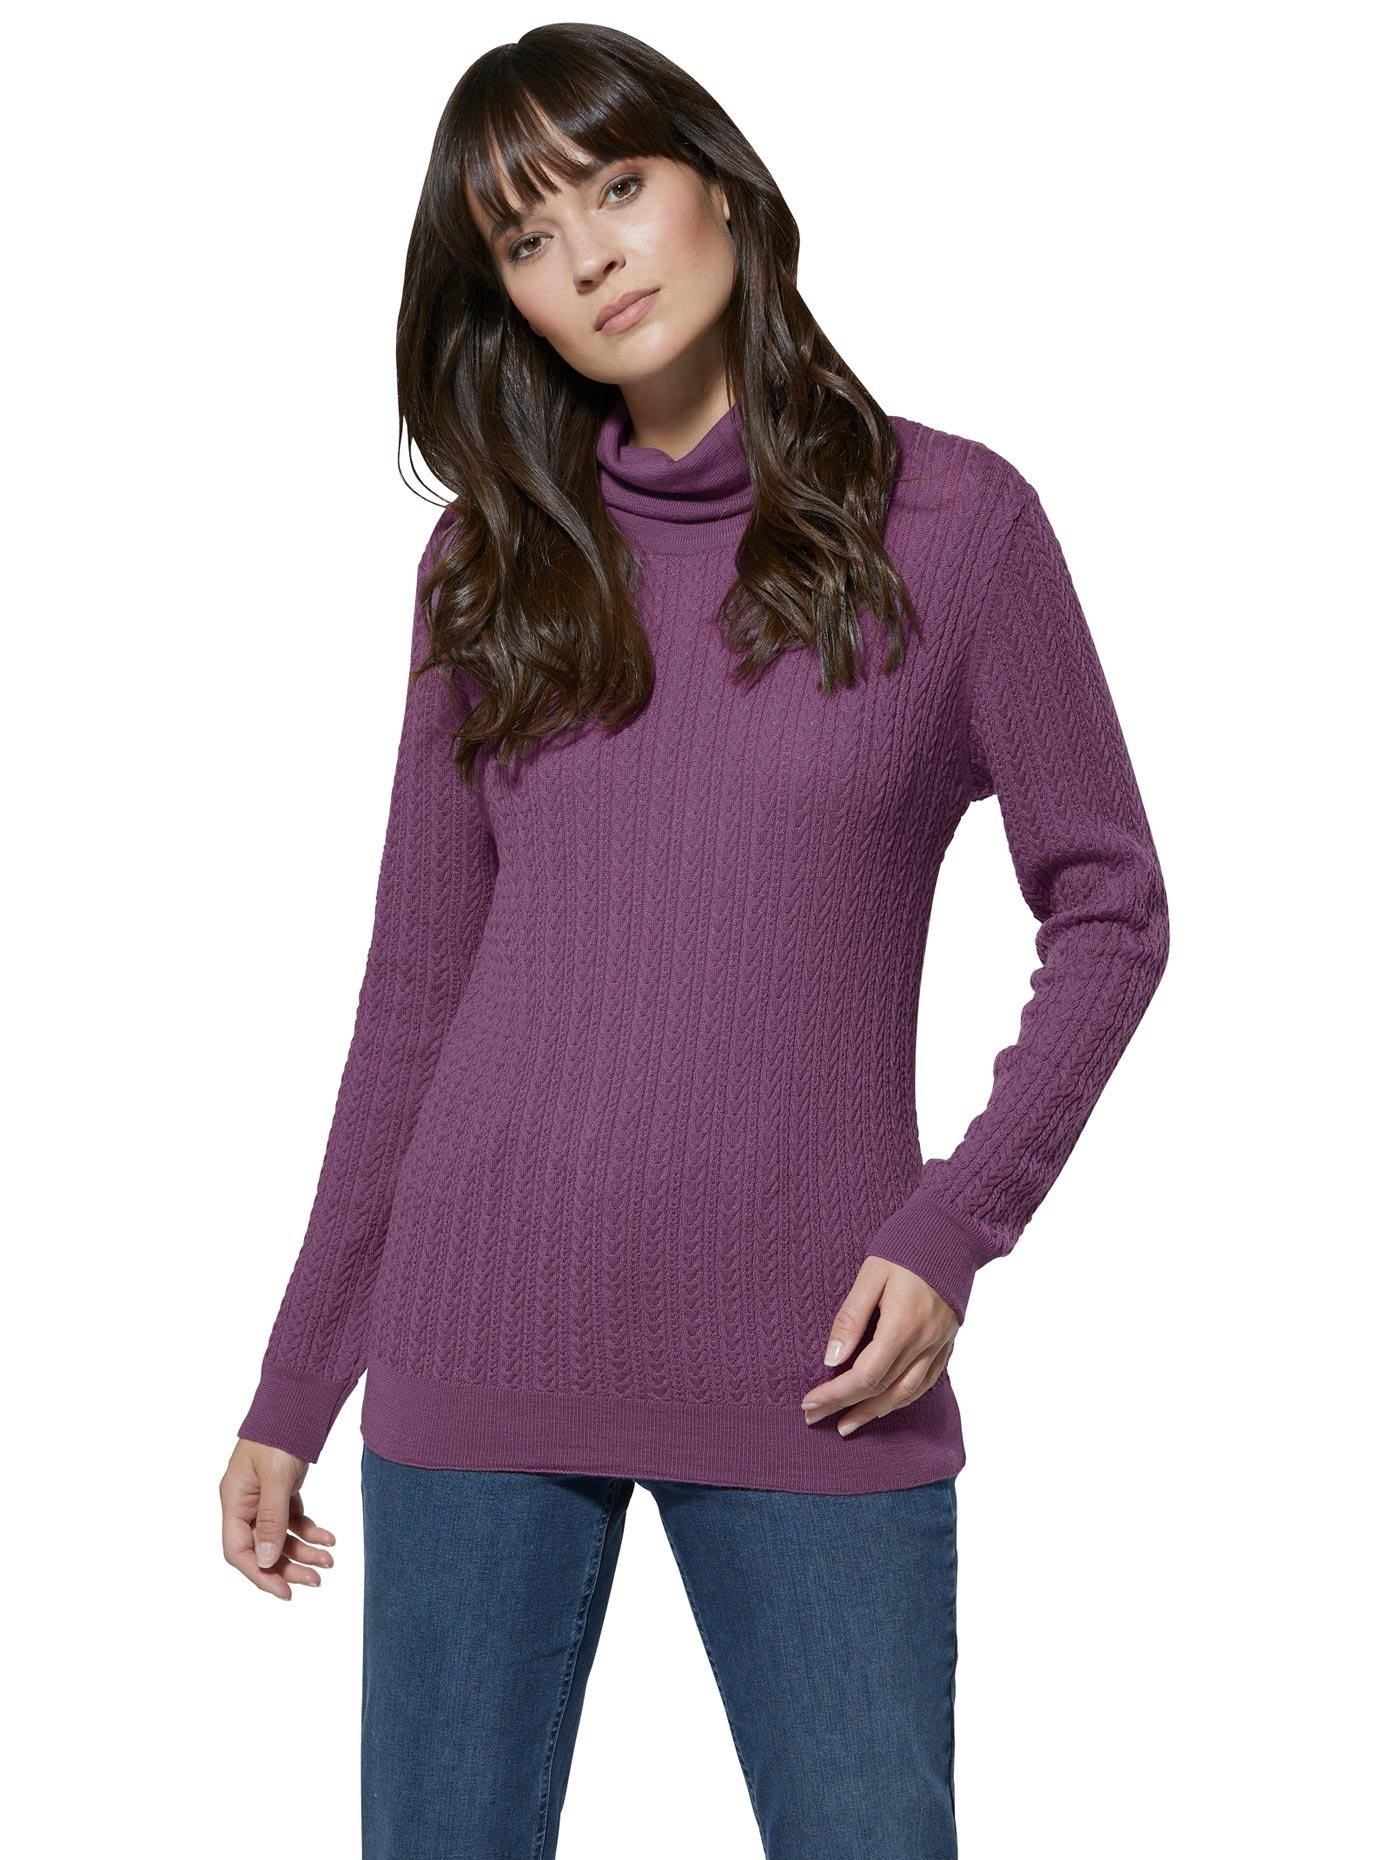 Casual Looks wollen trui bestellen: 30 dagen bedenktijd